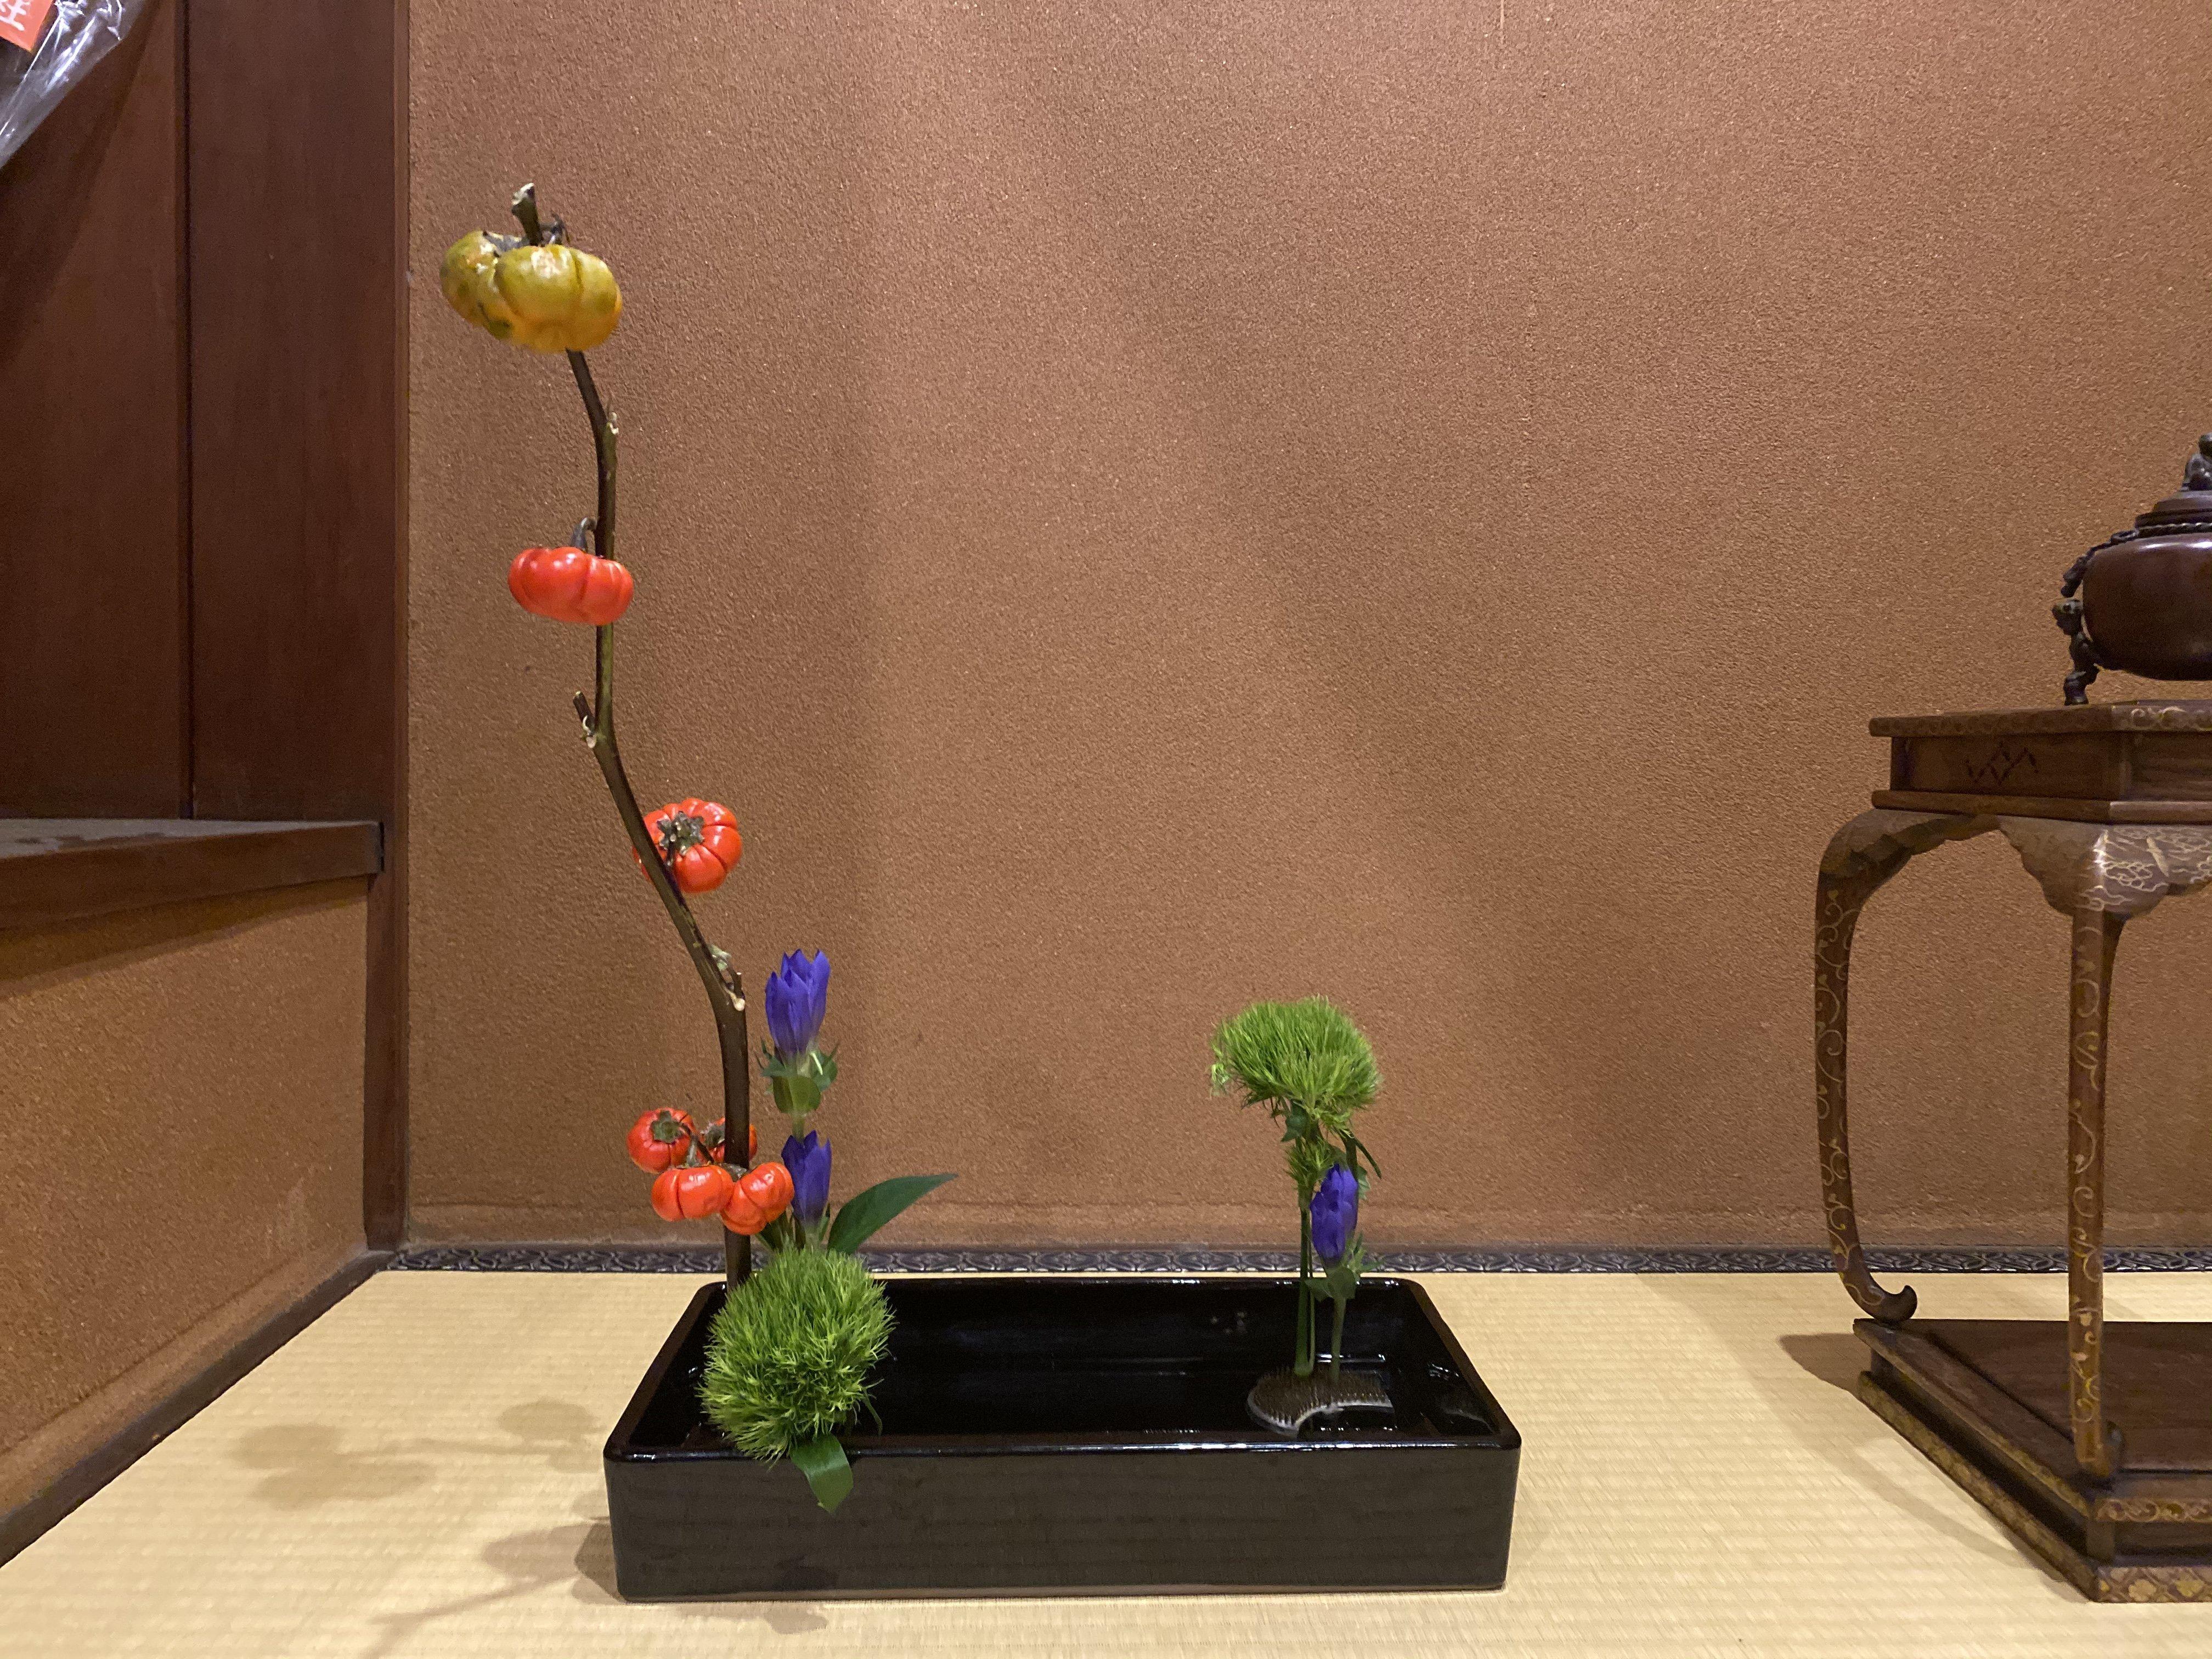 型のない生け花〜自分と繋がる時間3月20日開催のイメージその2